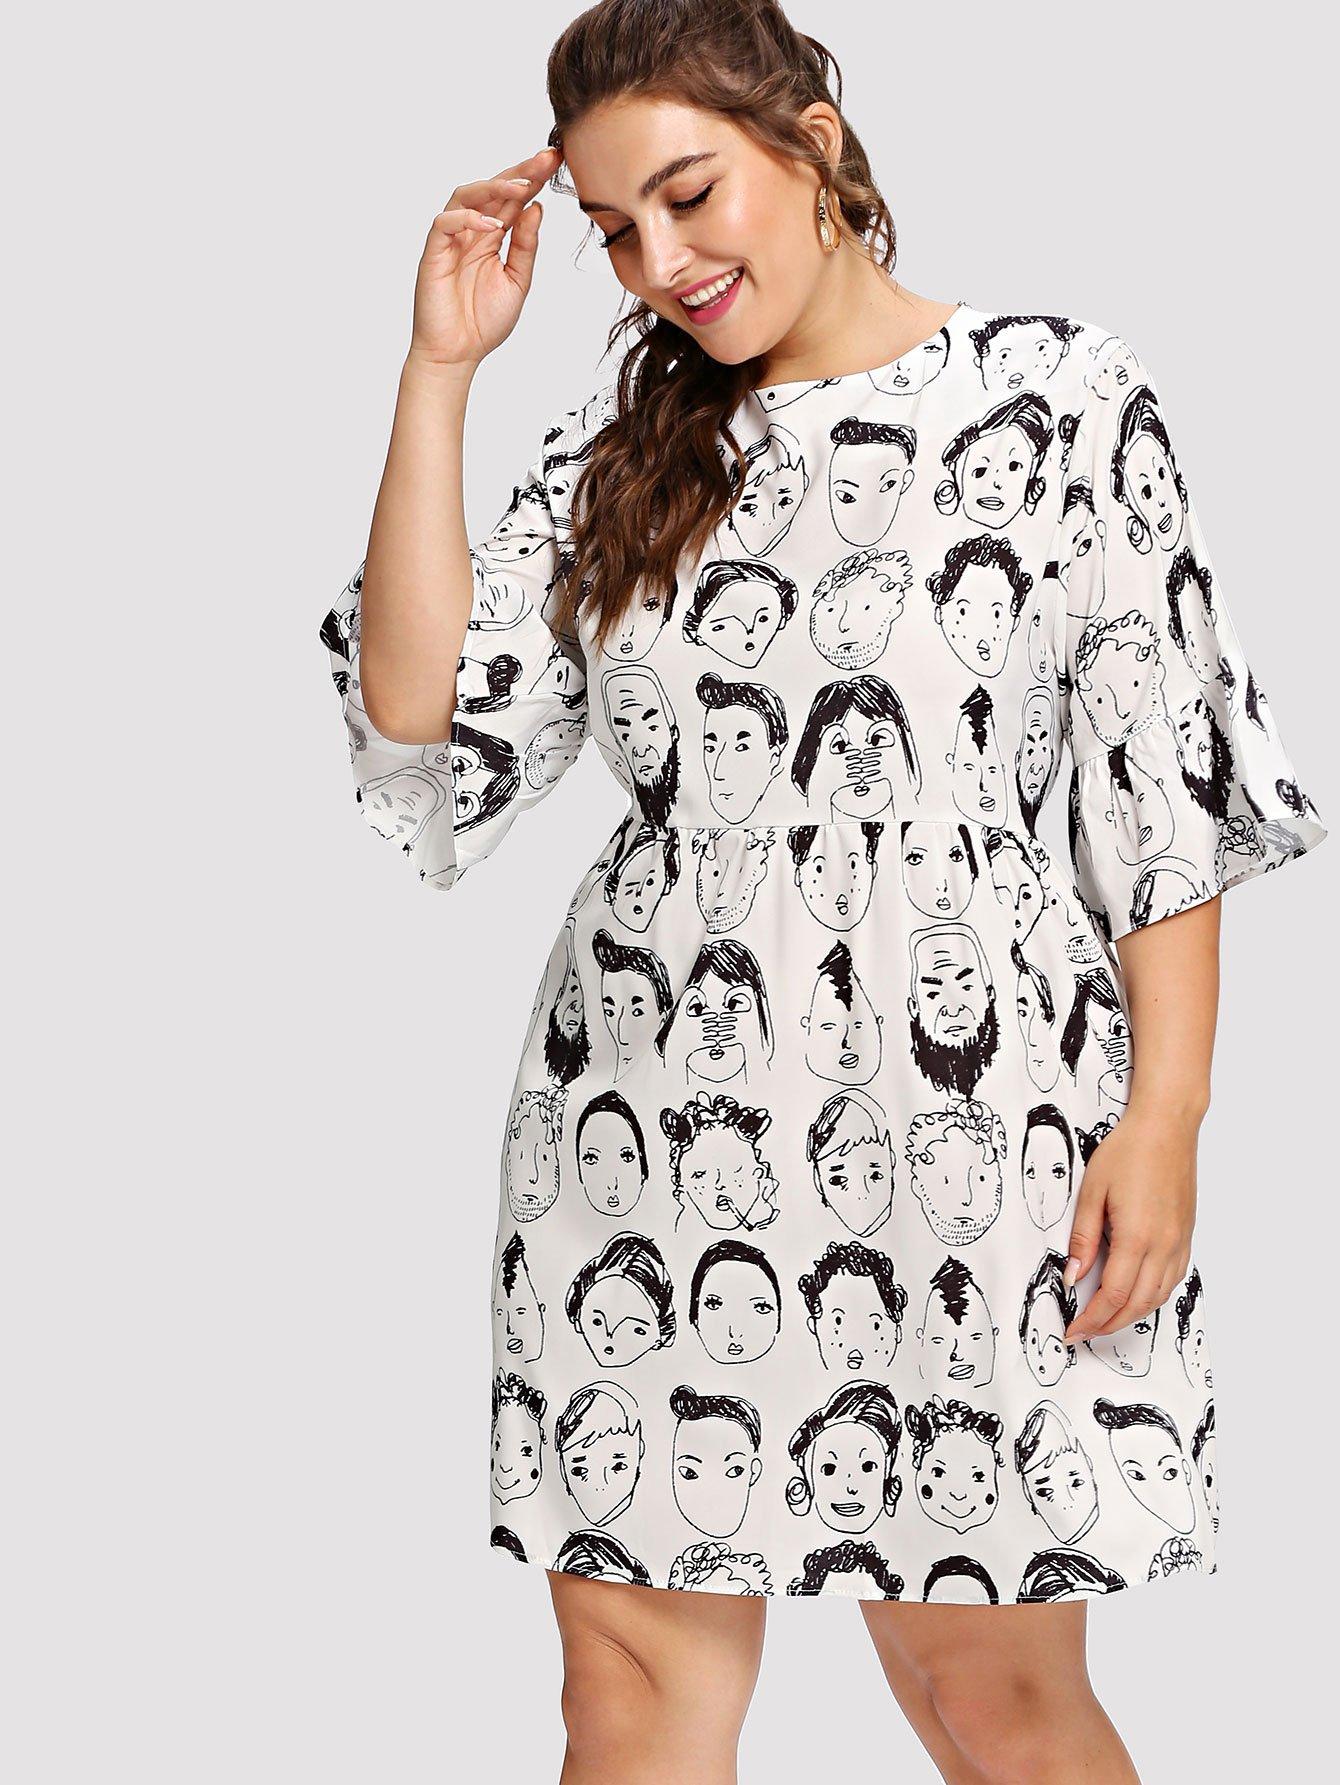 Kleid mit Abbildungmuster und Band hinten